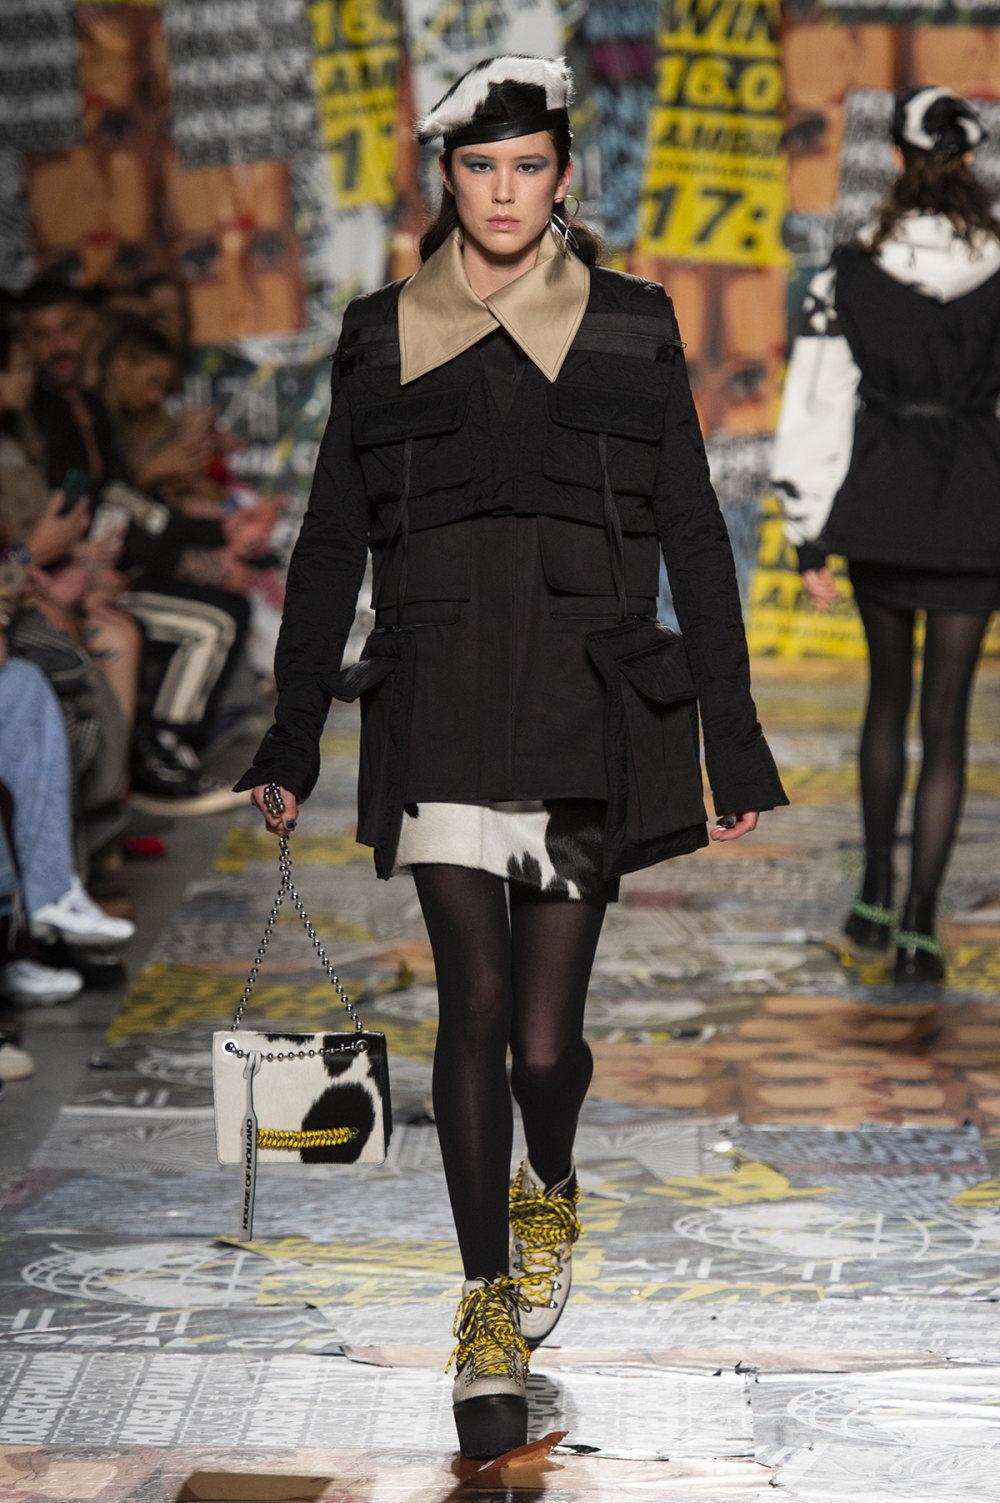 House of Holland时装系列渐变色粉色蕾丝中腰采用女性化設計-17.jpg